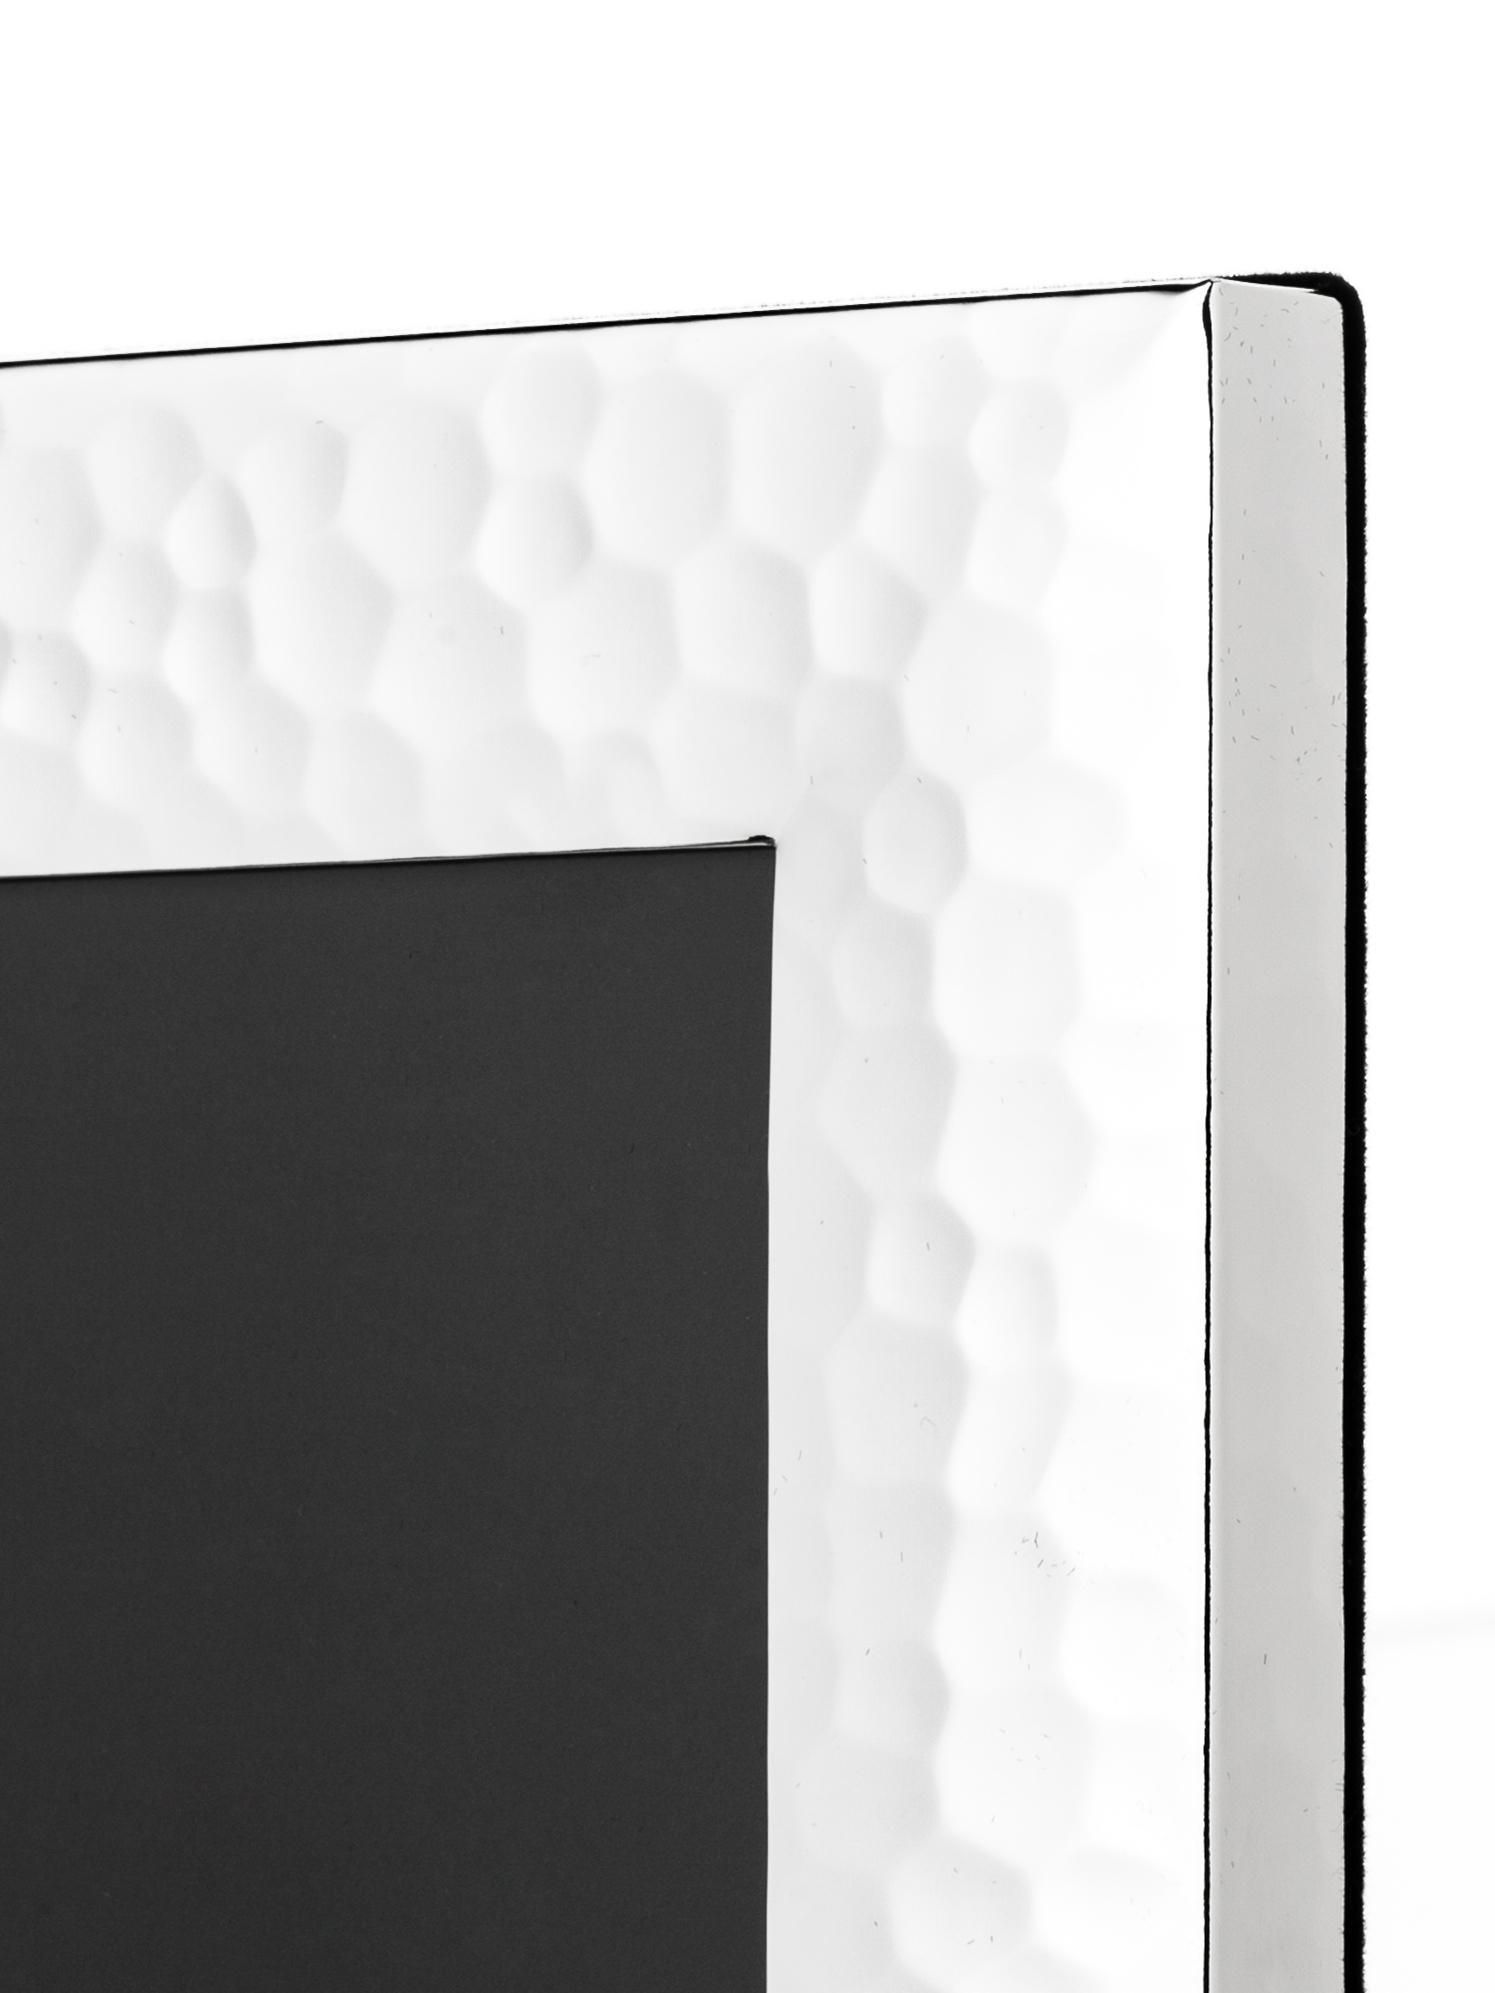 Bilderrahmen Gubbio, Rahmen: Metall, versilbert, Front: Glas, Rückseite: Mitteldichte Faserplatte , Silber, 13 x 18 cm